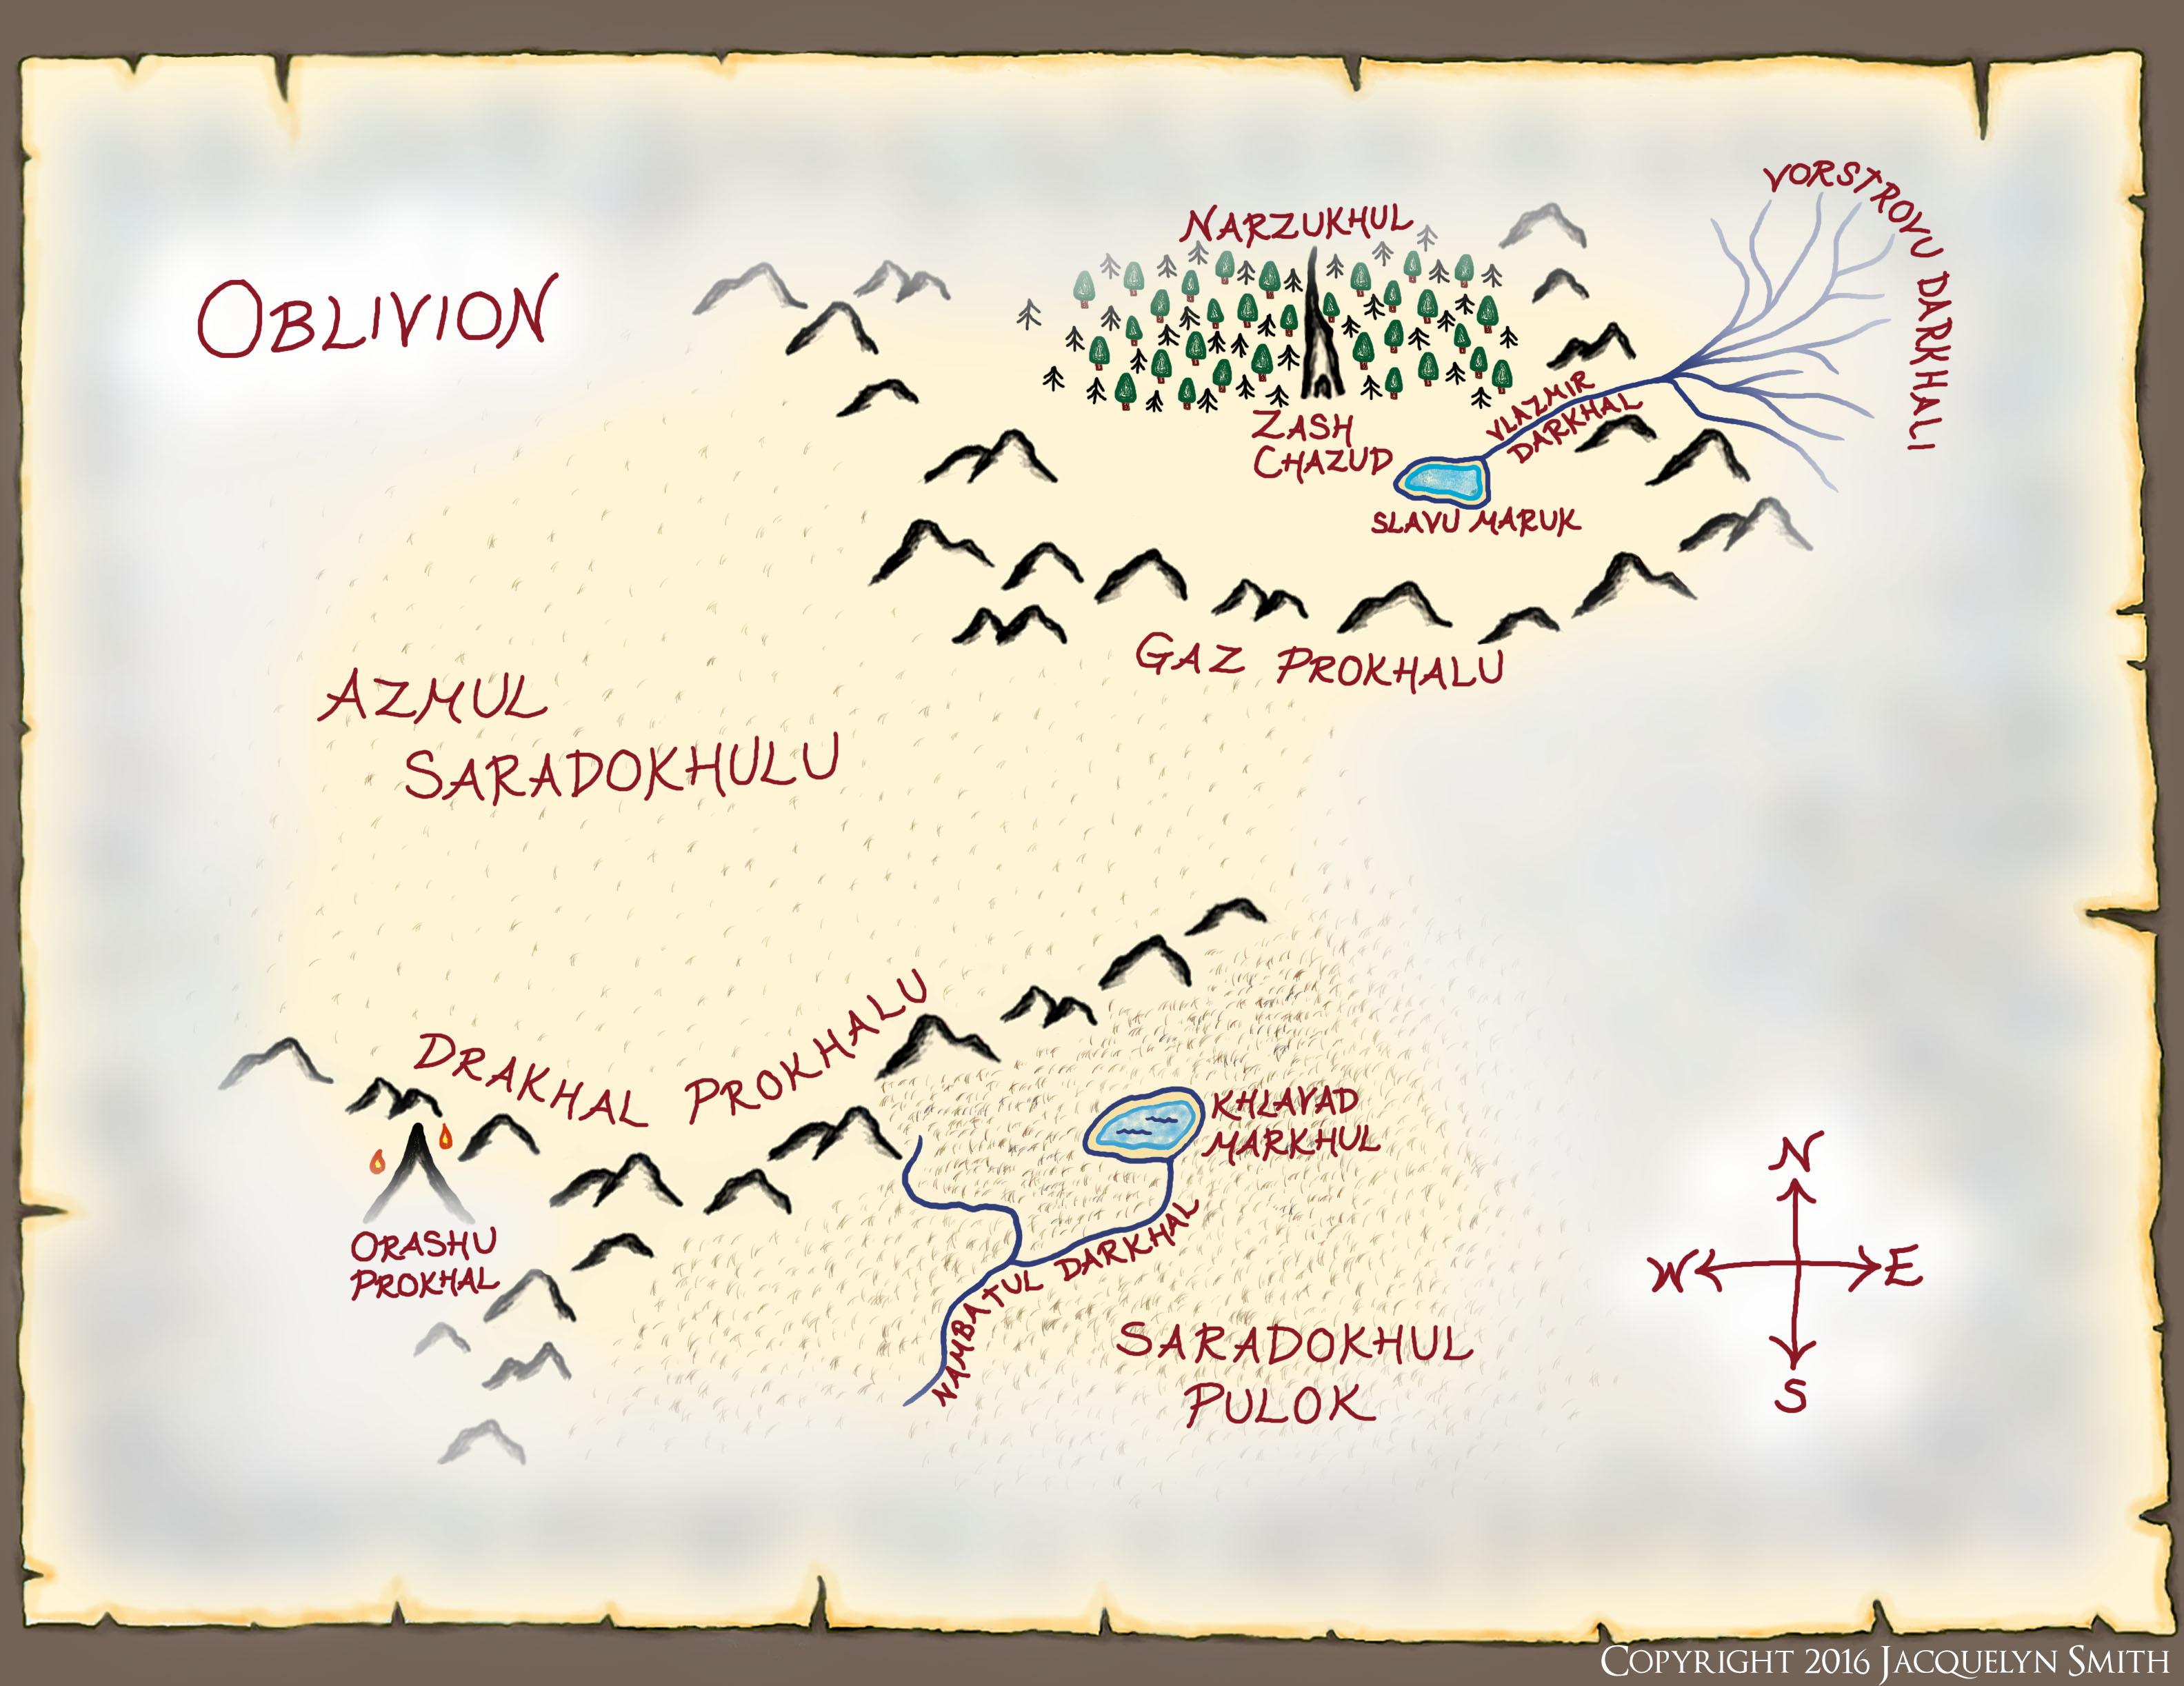 Oblivion map